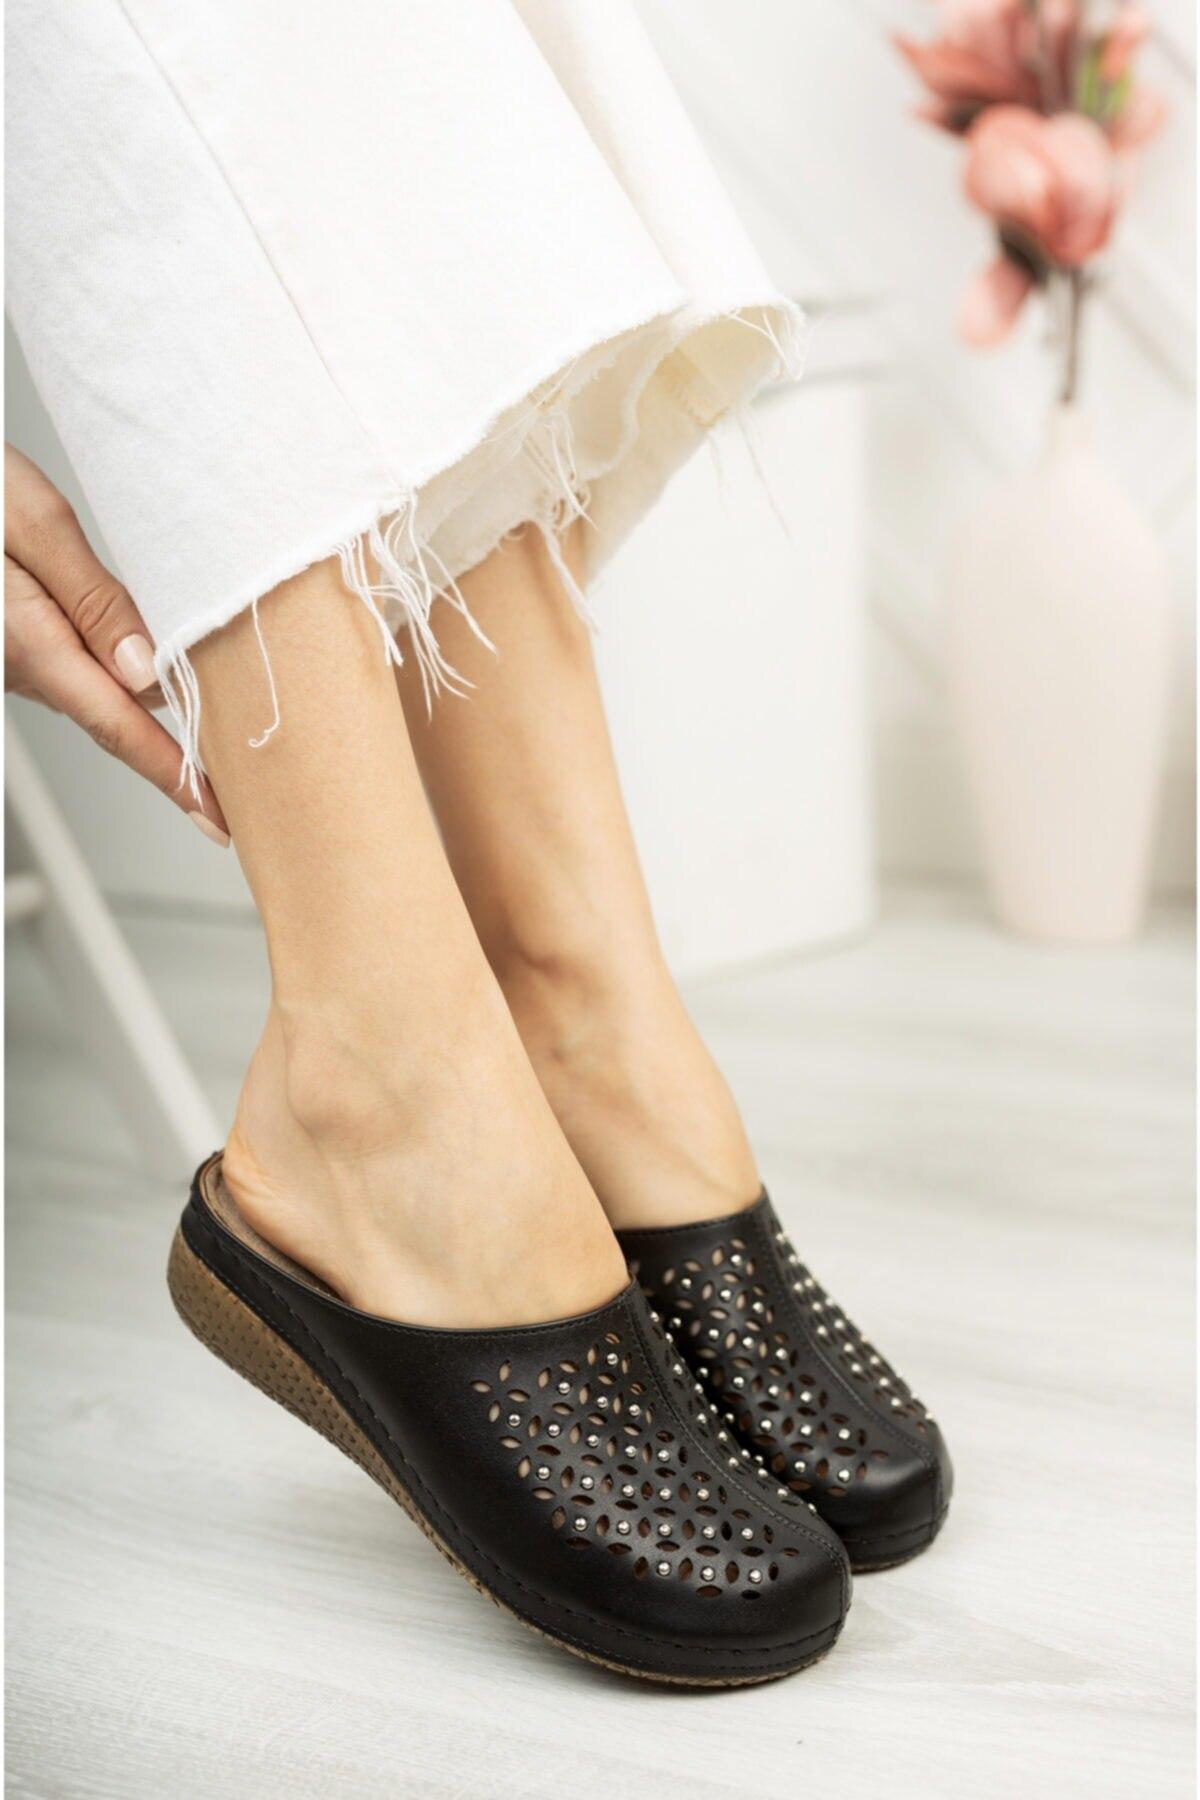 النساء الصنادل s الأسود العظام سابو قاعدة عادية الصيف داخلي في الهواء الطلق الوجه يتخبط الشاطئ حذاء الإناث النعال منصة عادية